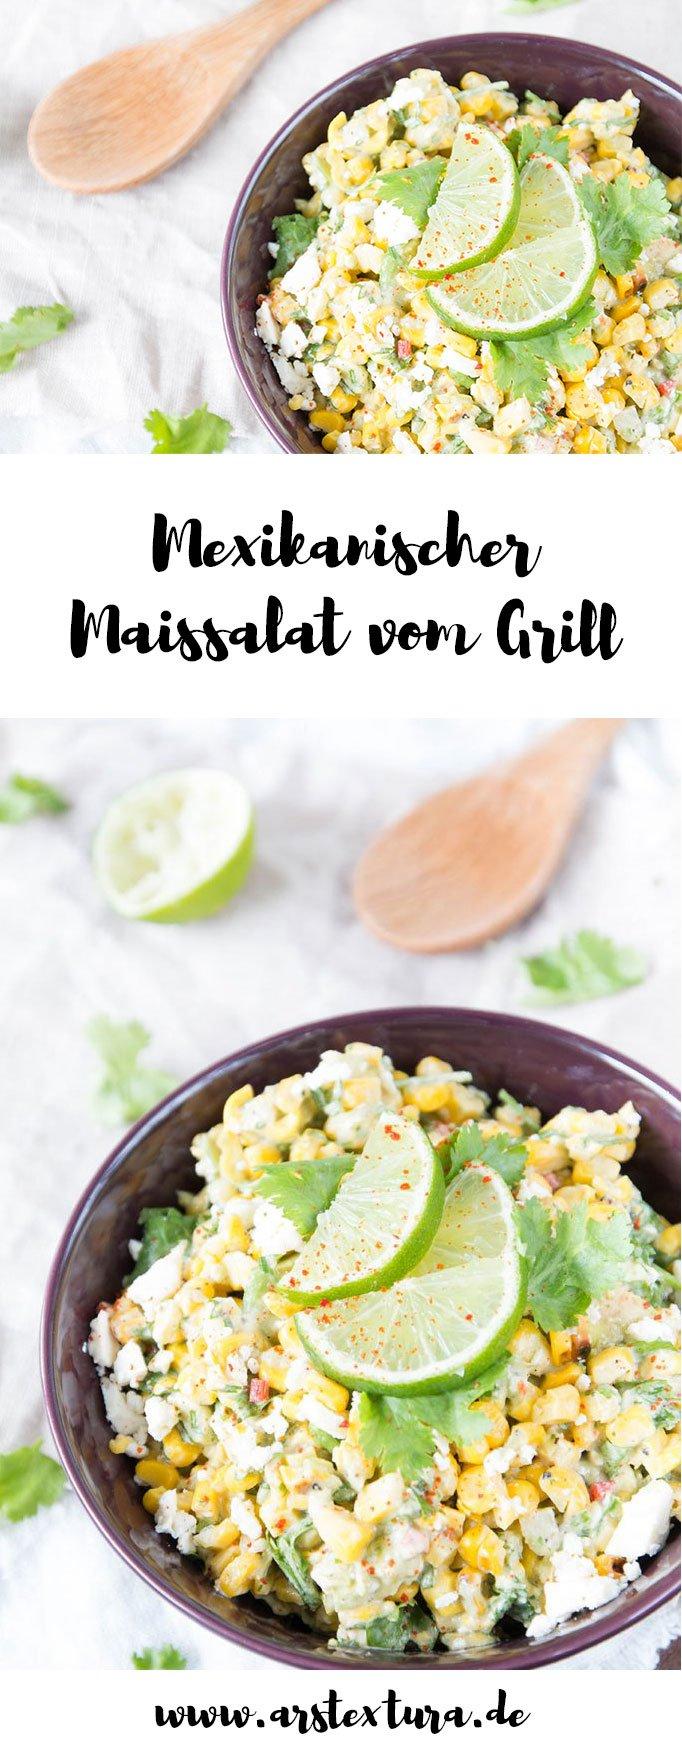 Mexikanischer Mais Salat vom Grill eine tolle Grillbeilage für deine nächste Grillparty